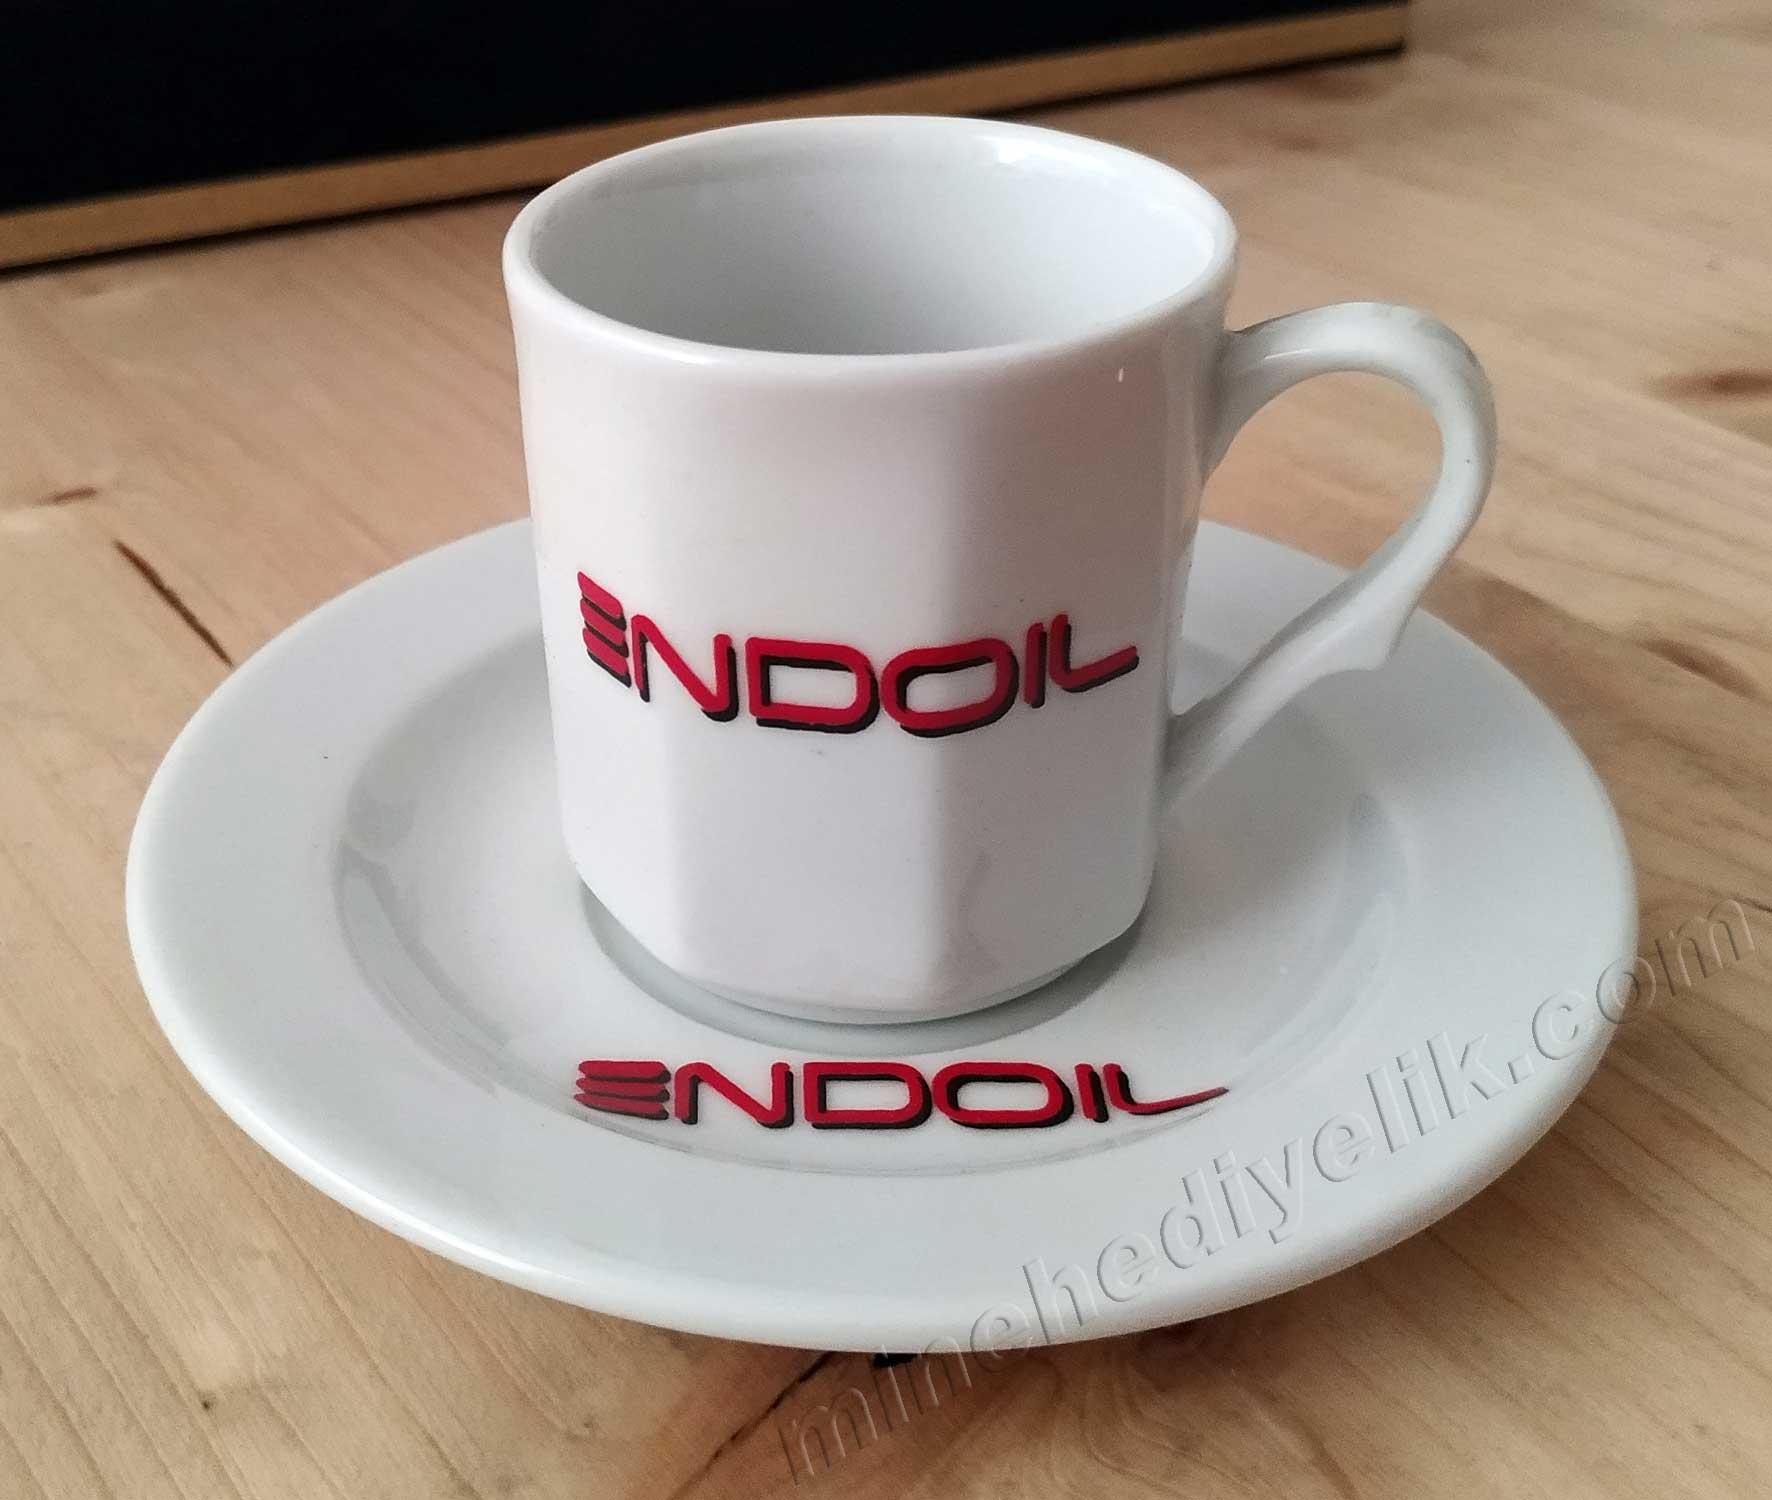 Kurumsal Hediye Amaçlı Logolu Kahve Fincan Takımları Kadife Kutulu